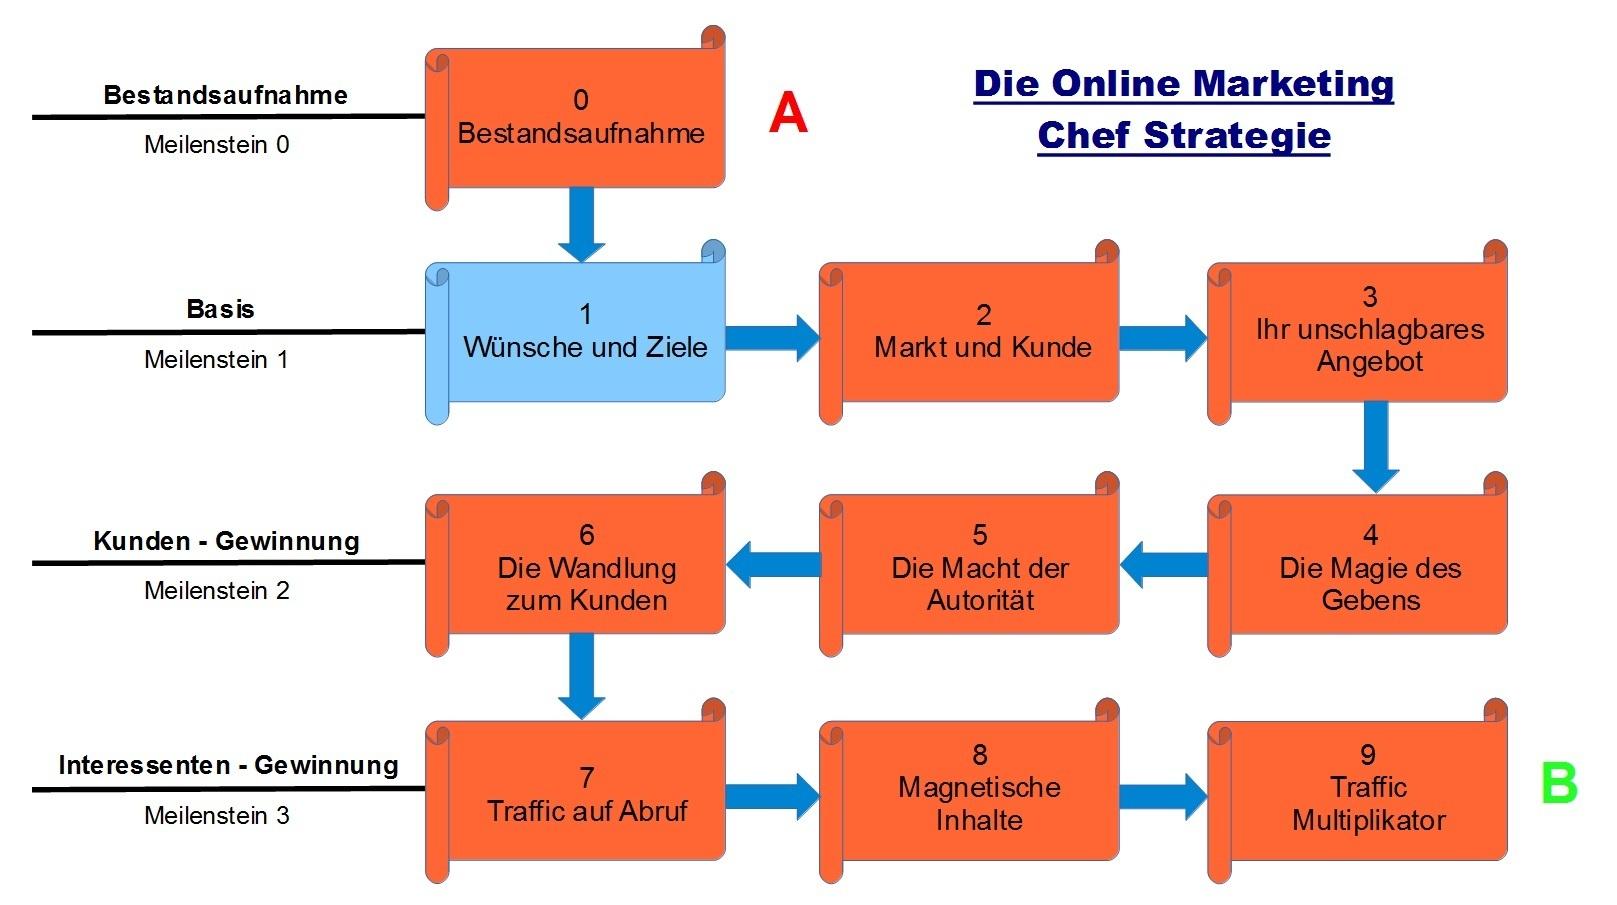 Für Ihr Internet Business: Schritt 1 Die Online Marketing Chef Strategie